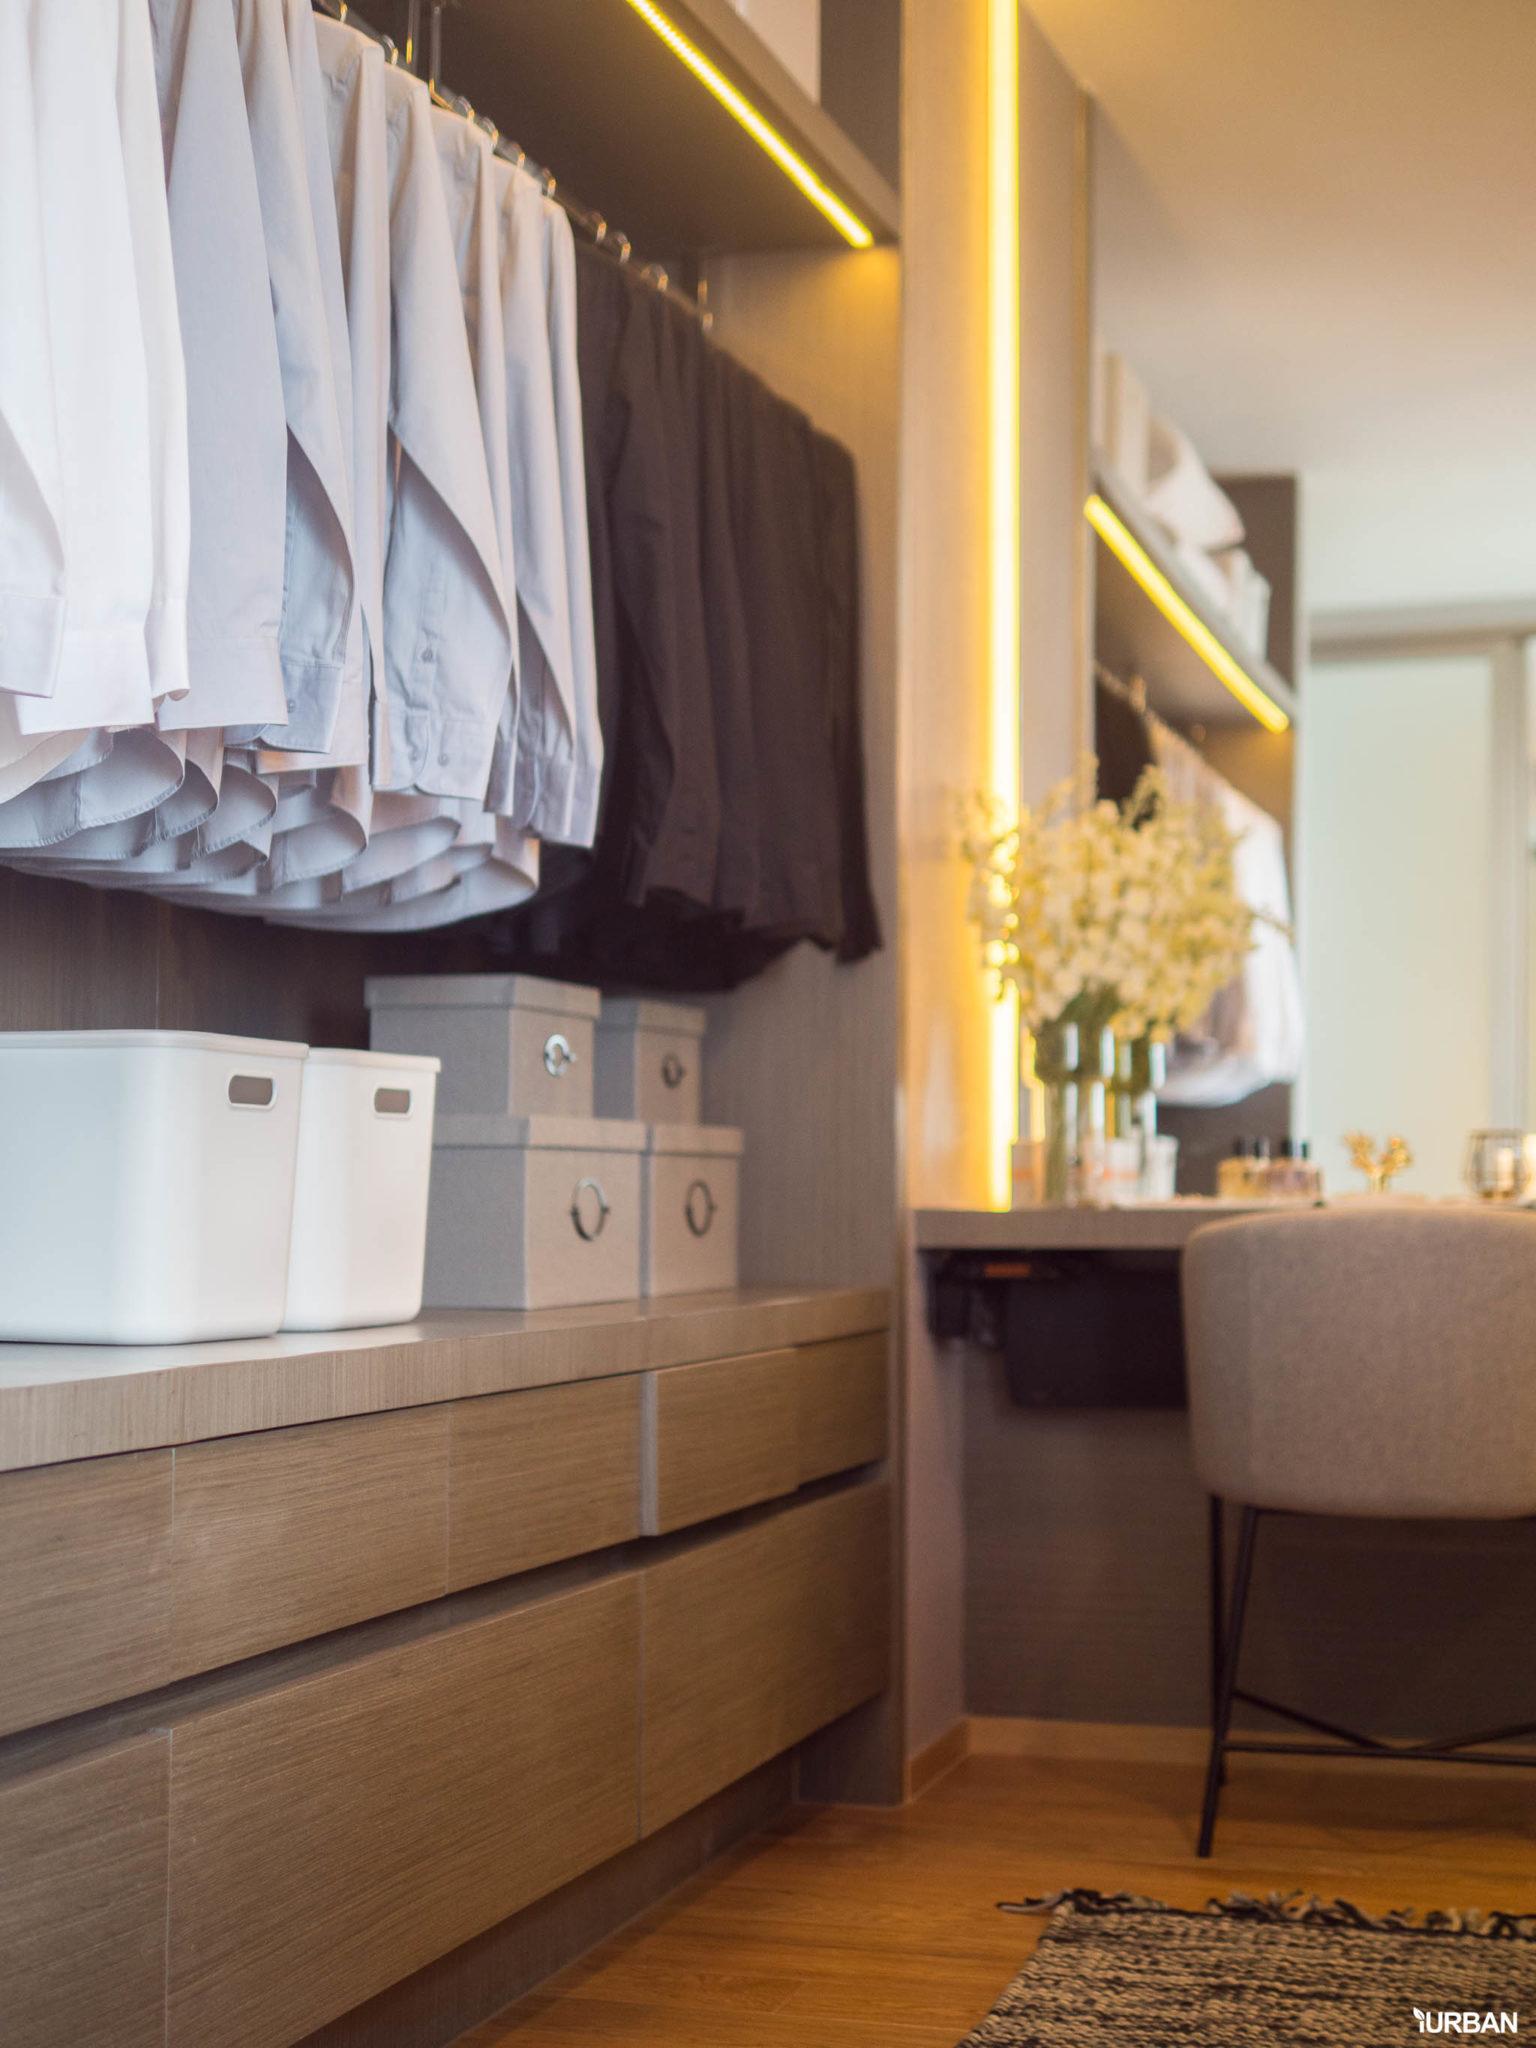 รีวิว Nirvana BEYOND Udonthani บ้านเดี่ยว 3 ชั้น ดีไซน์บิดสุดโมเดิร์น บนที่ดินสุดท้ายหน้าหนองประจักษ์ 144 - Luxury